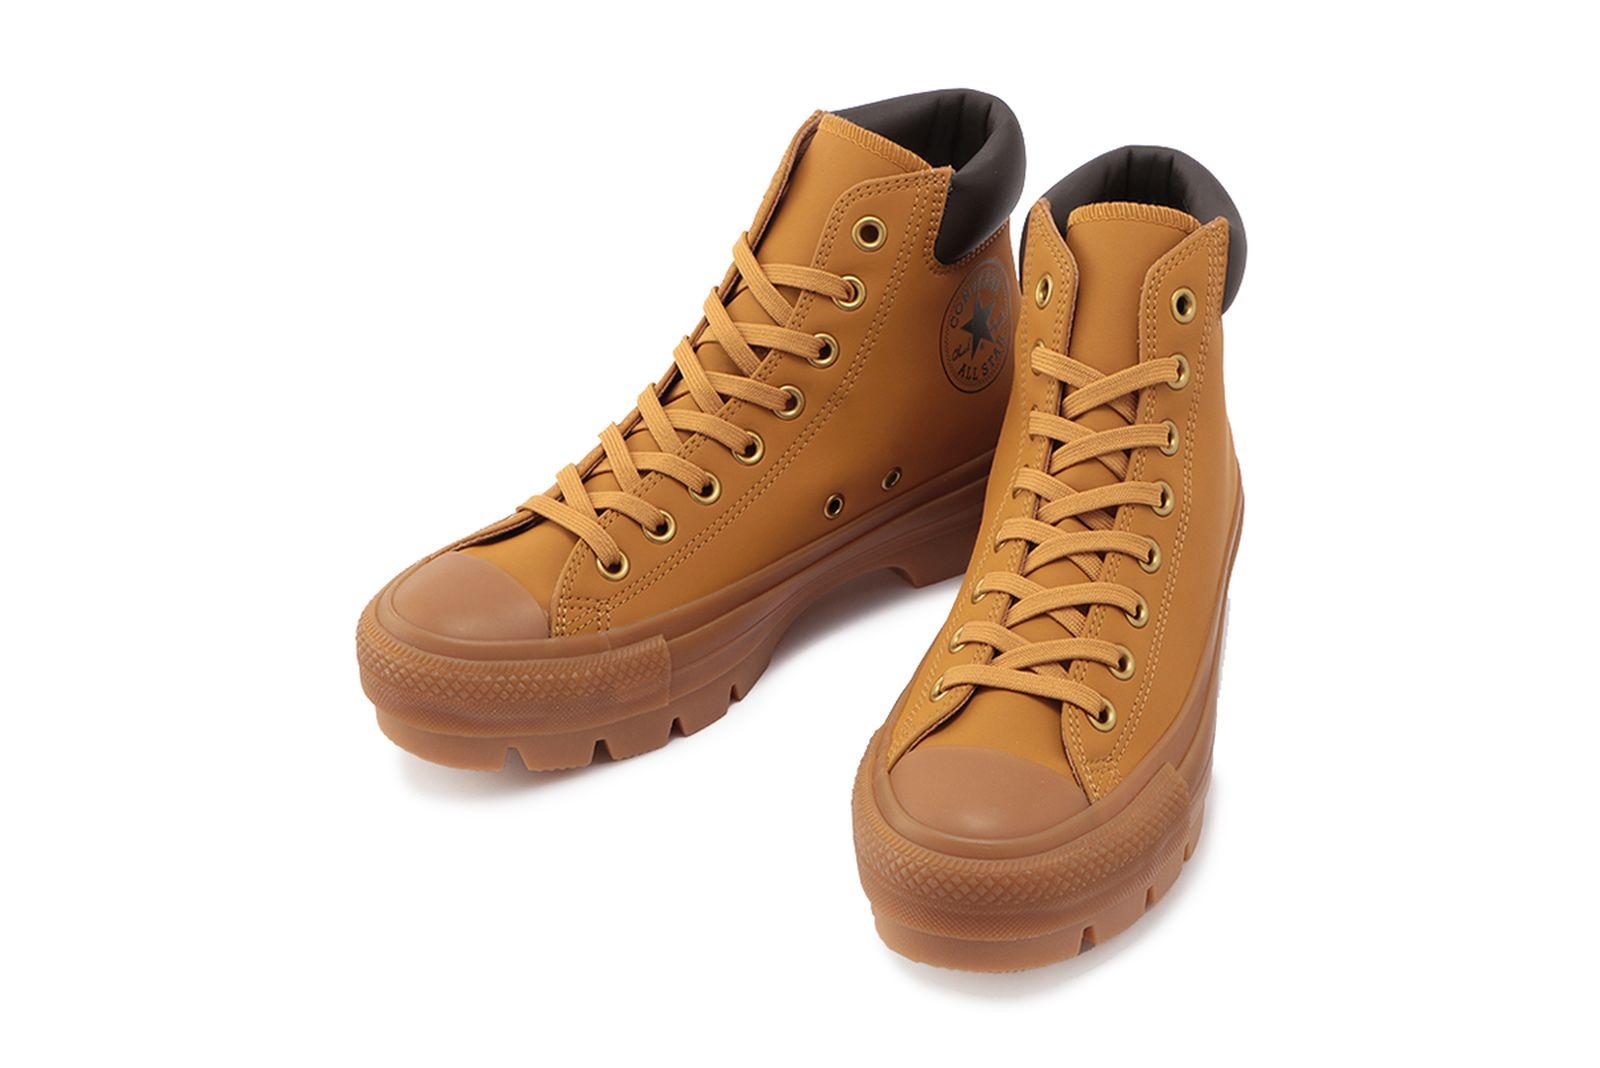 converse-japan-timberland-boot-chunk-hi- (2)